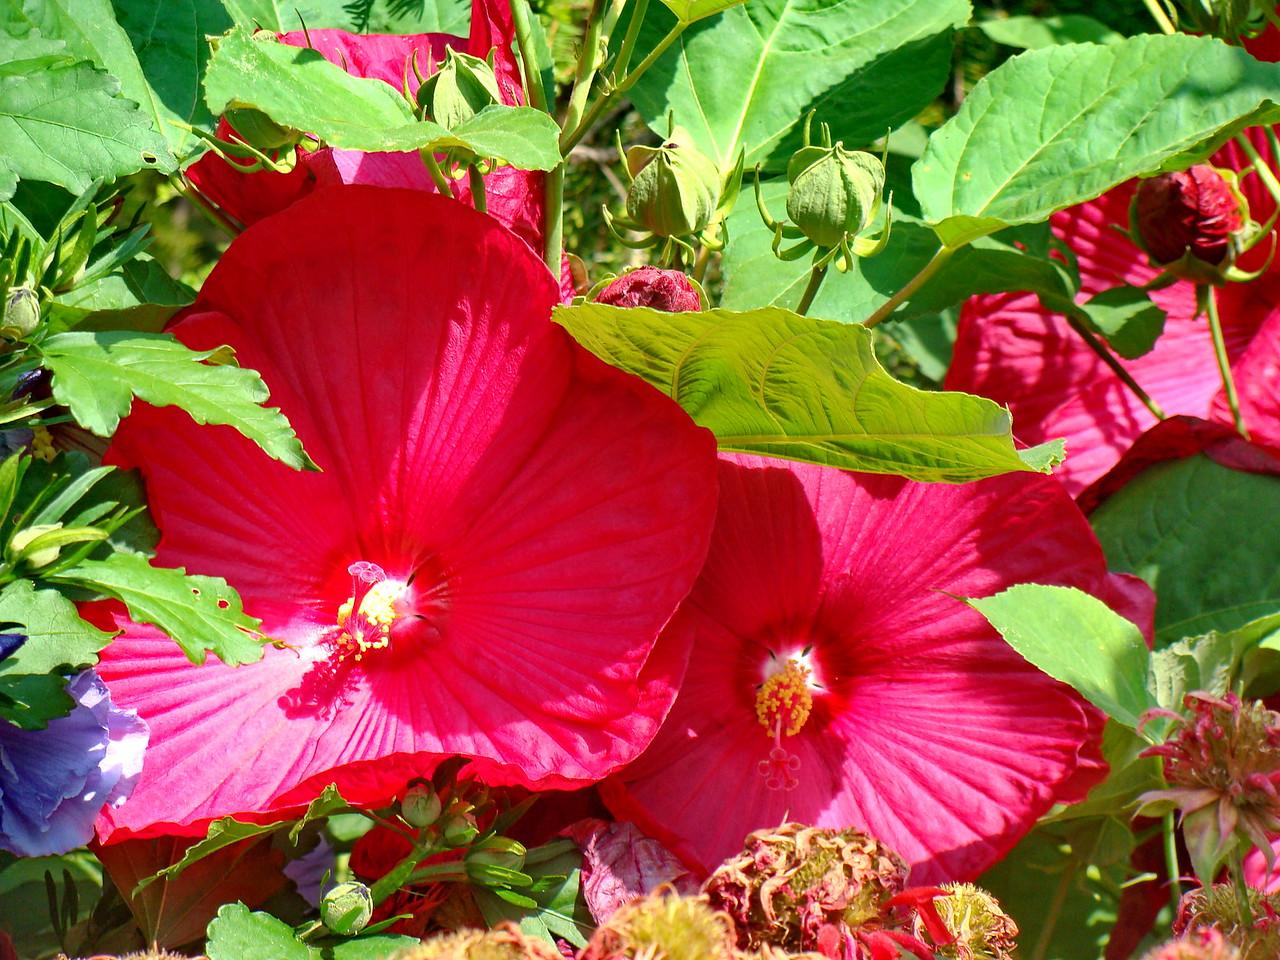 Red Hibiscus Bush